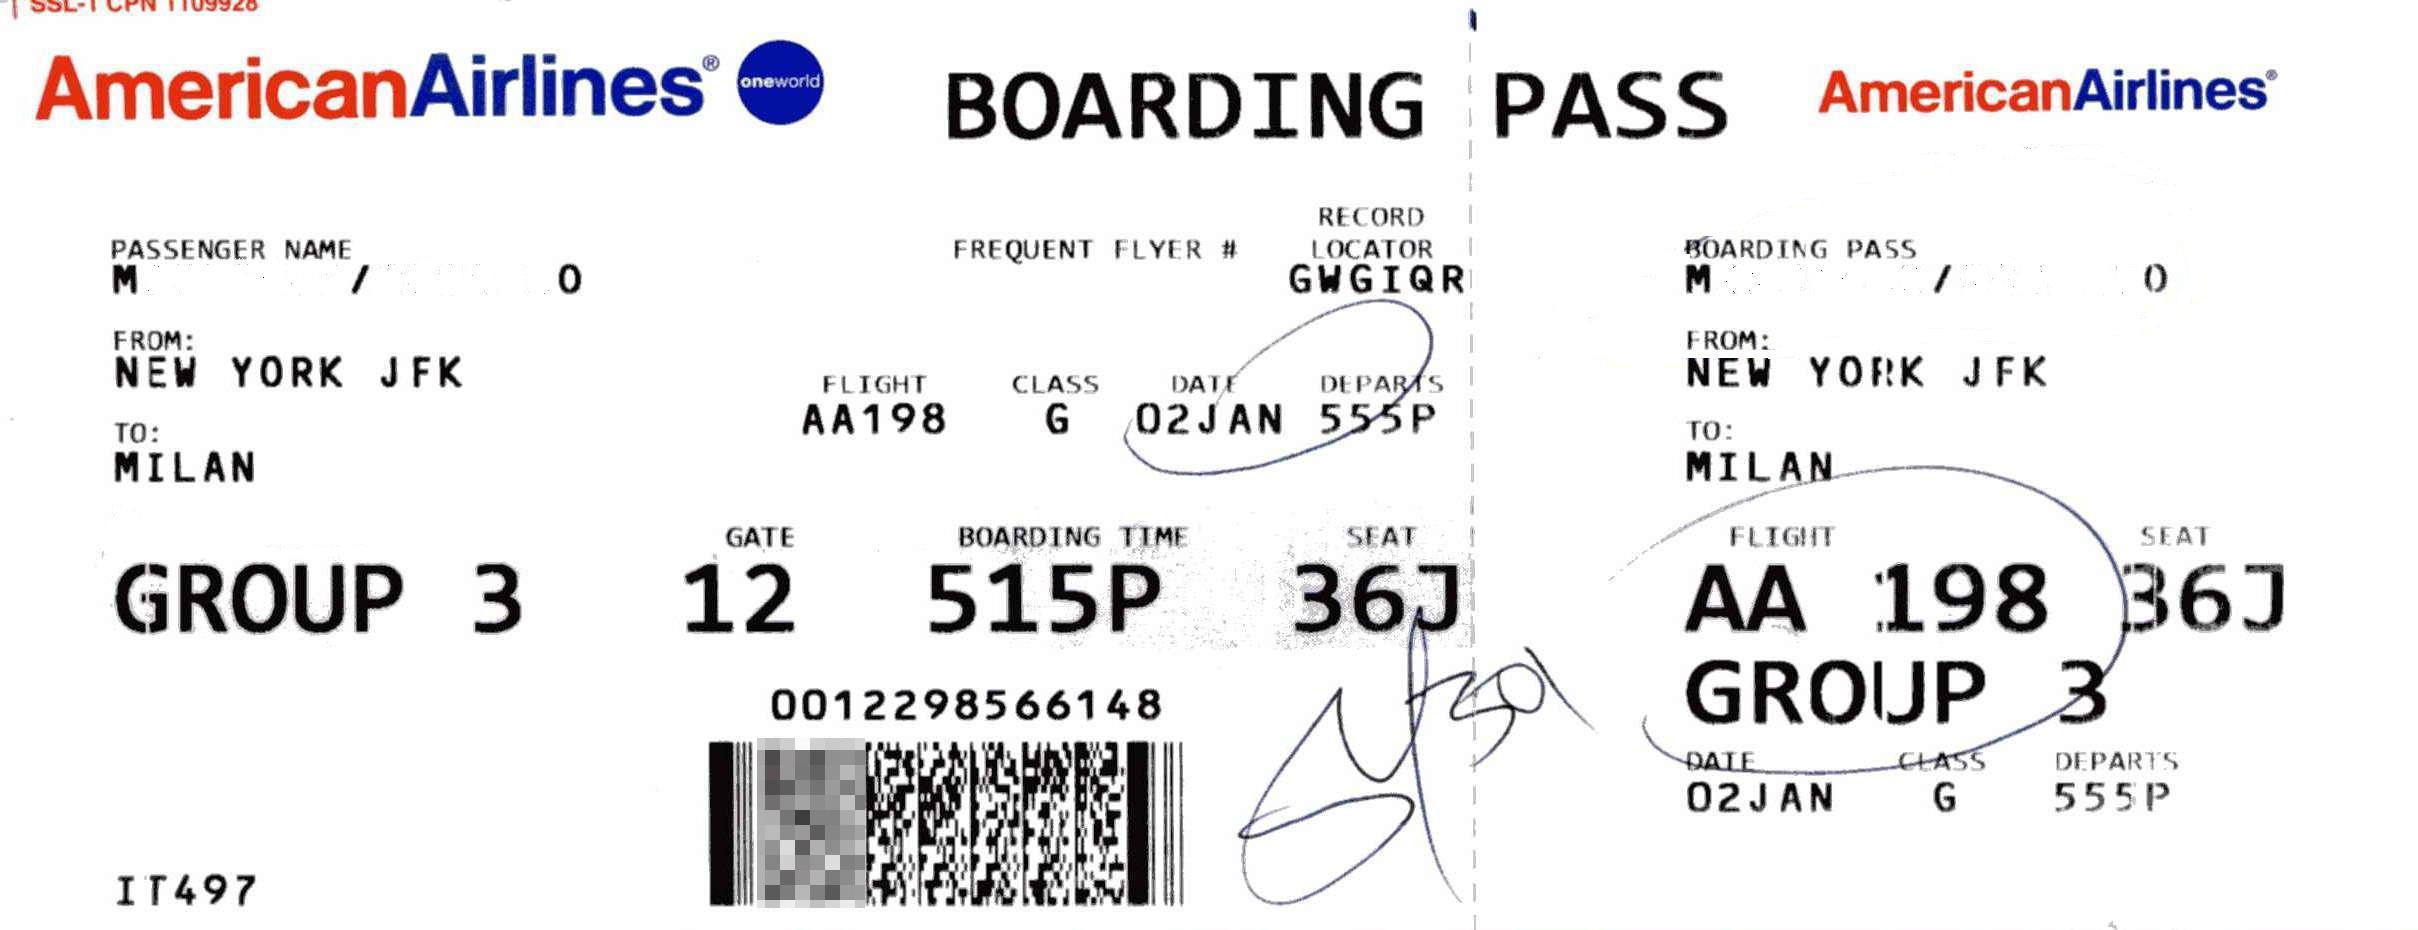 引用元 https://upload.wikimedia.org/wikipedia/commons/7/78/American_Airlines_boarding_pass_AA_198.jpg